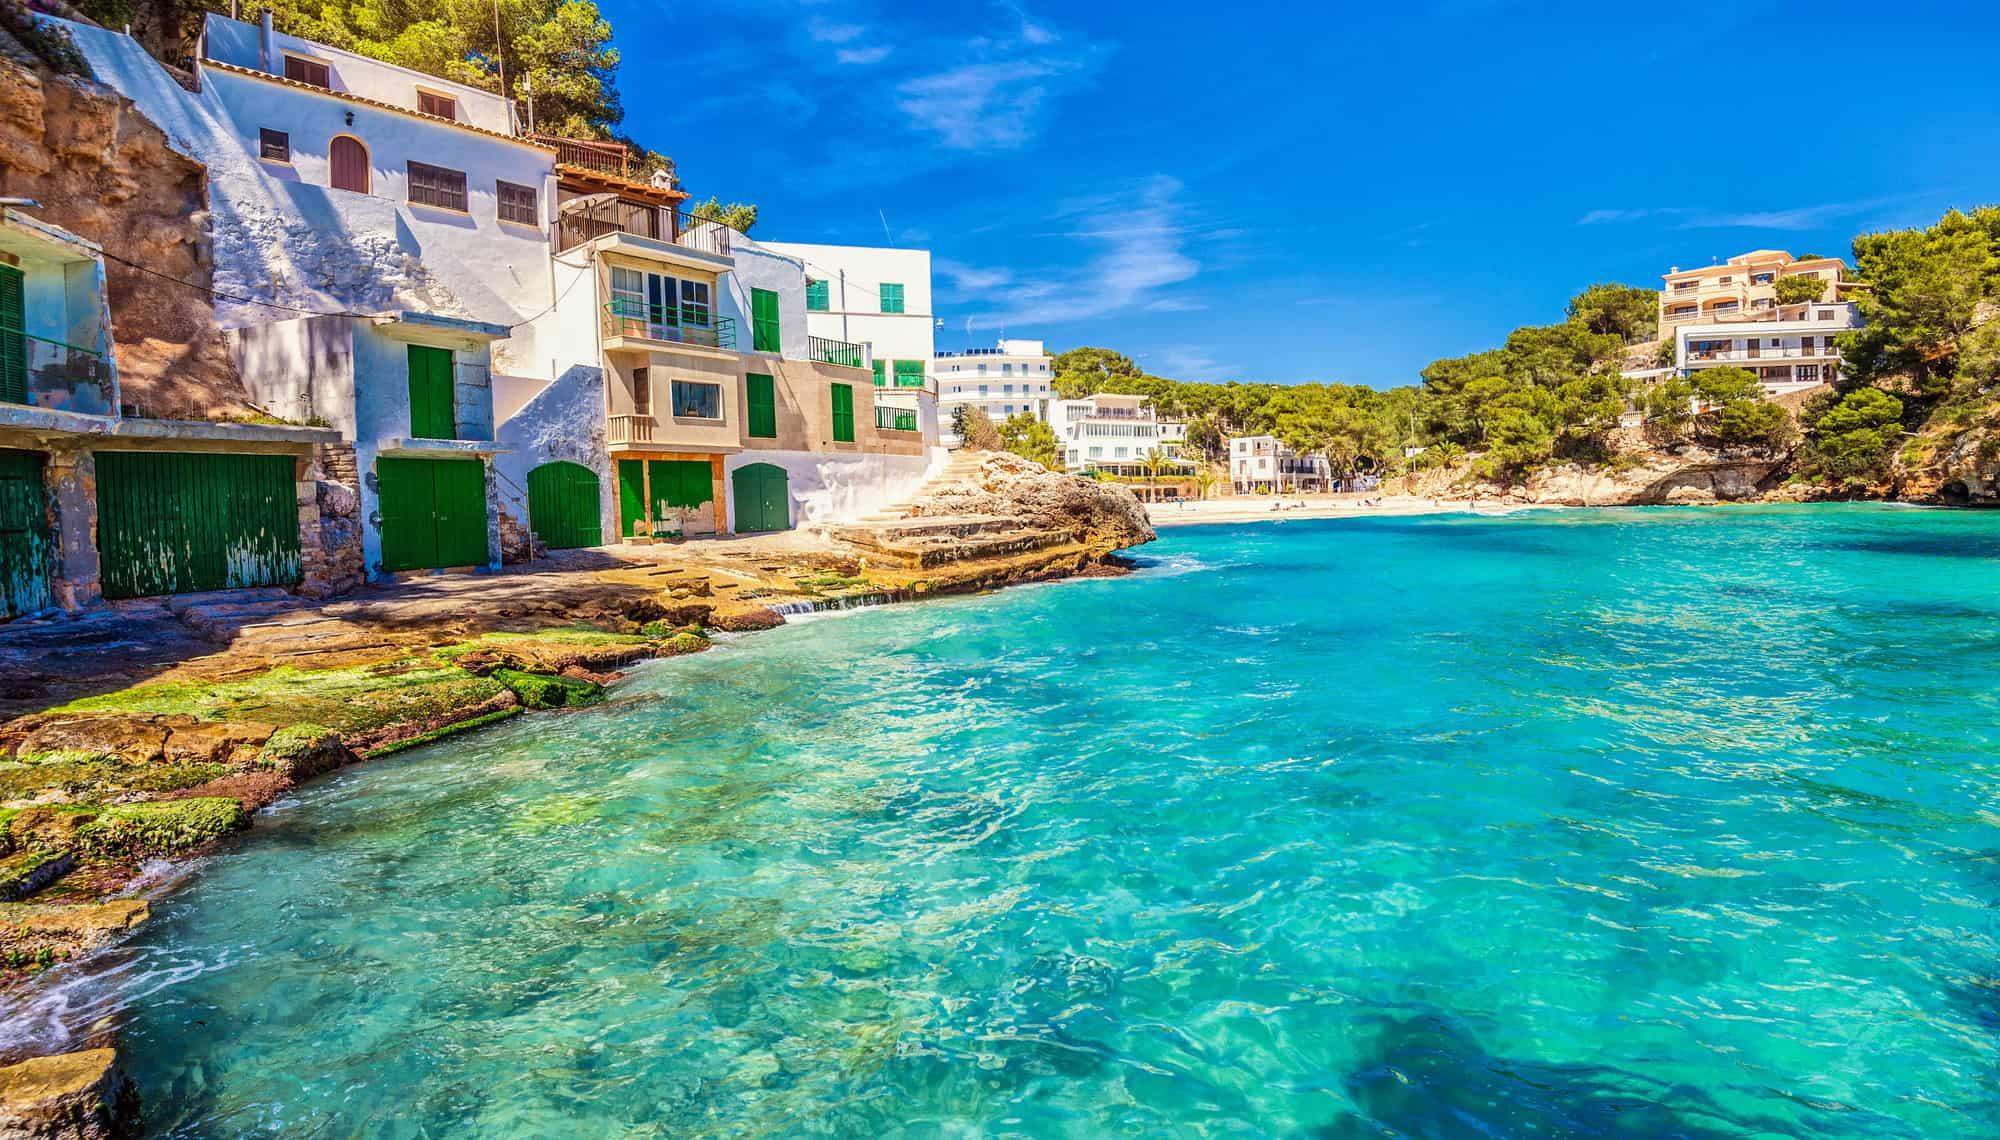 جزيرة مايوركا في اسبانيا